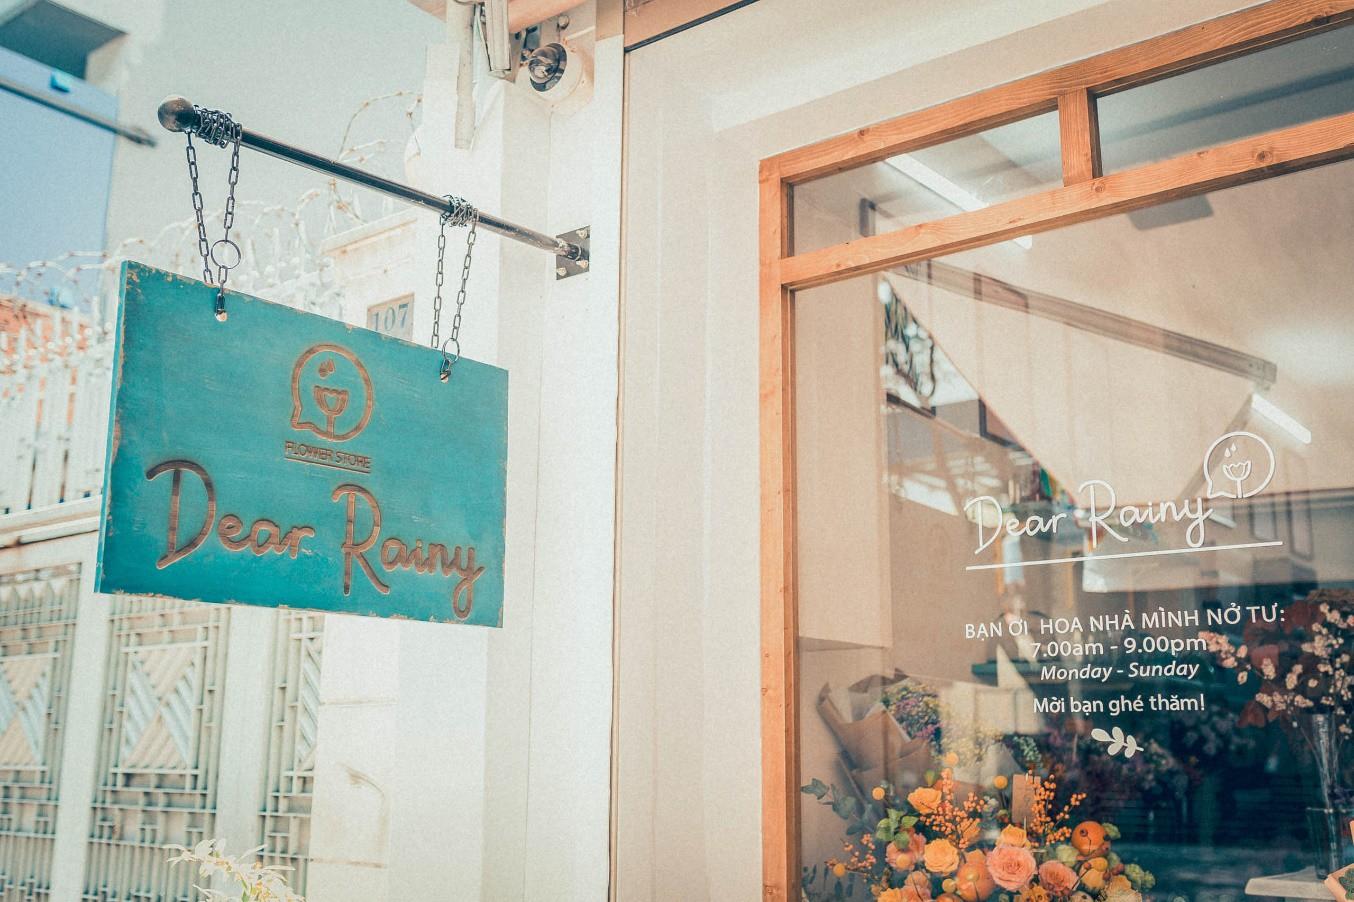 Tiệm hoa Dear Rainy: Mong các bạn tìm được chất liệu tô vẽ nét đáng yêu của cuộc sống - Ảnh 2.